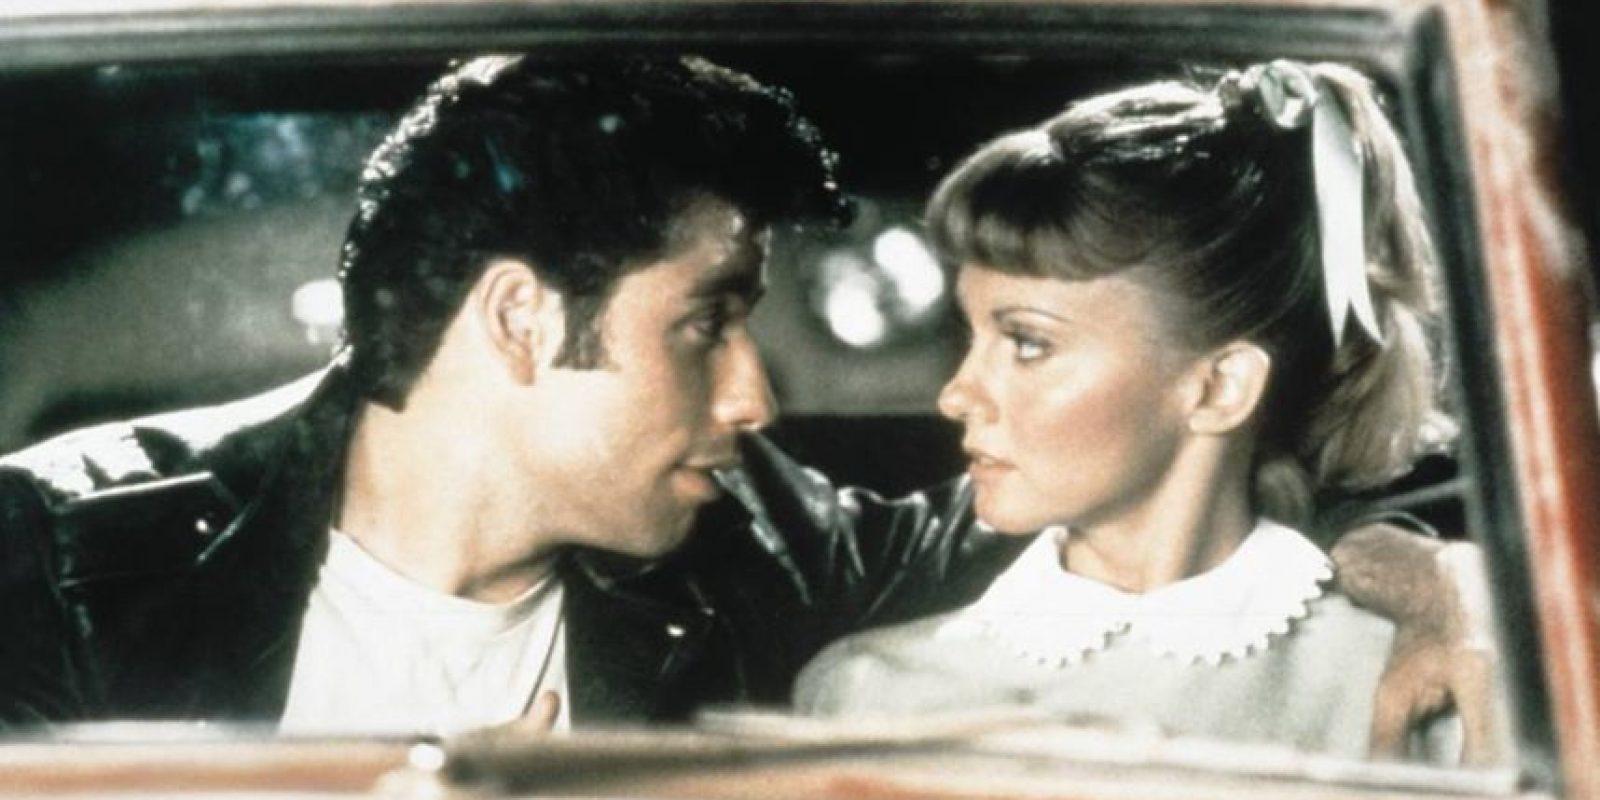 En los añs 80, las damas caían ante los encantos de Travolta Foto:Facebok/Grease